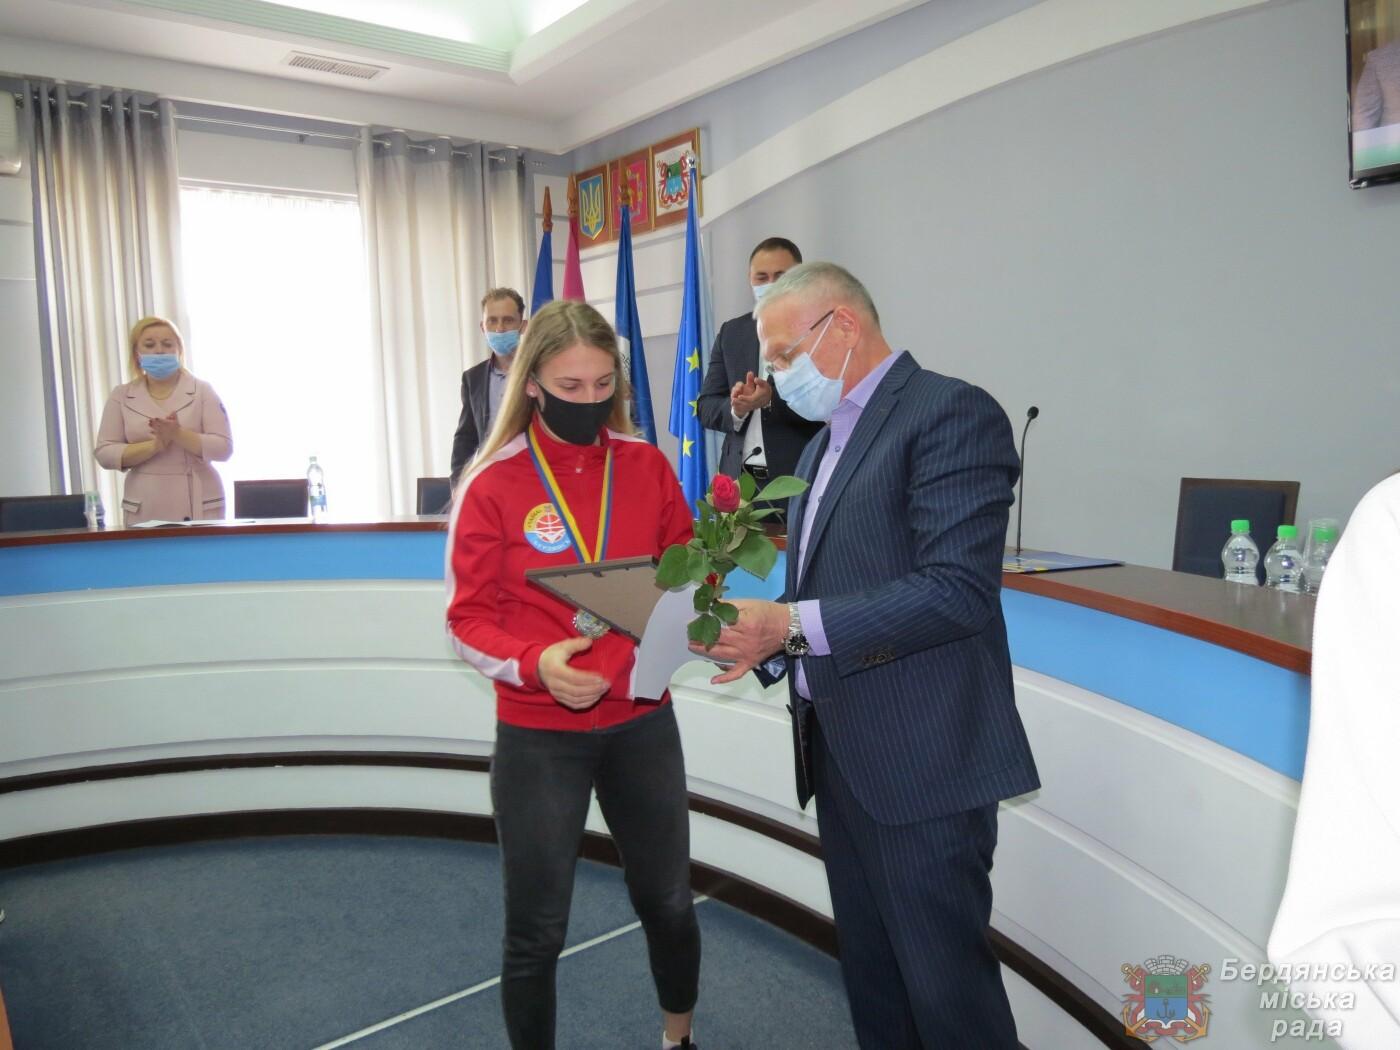 """Два лидера команды """"Чайка-ДЮСШ-Бердянск"""" завершили свою карьеру, фото-2"""